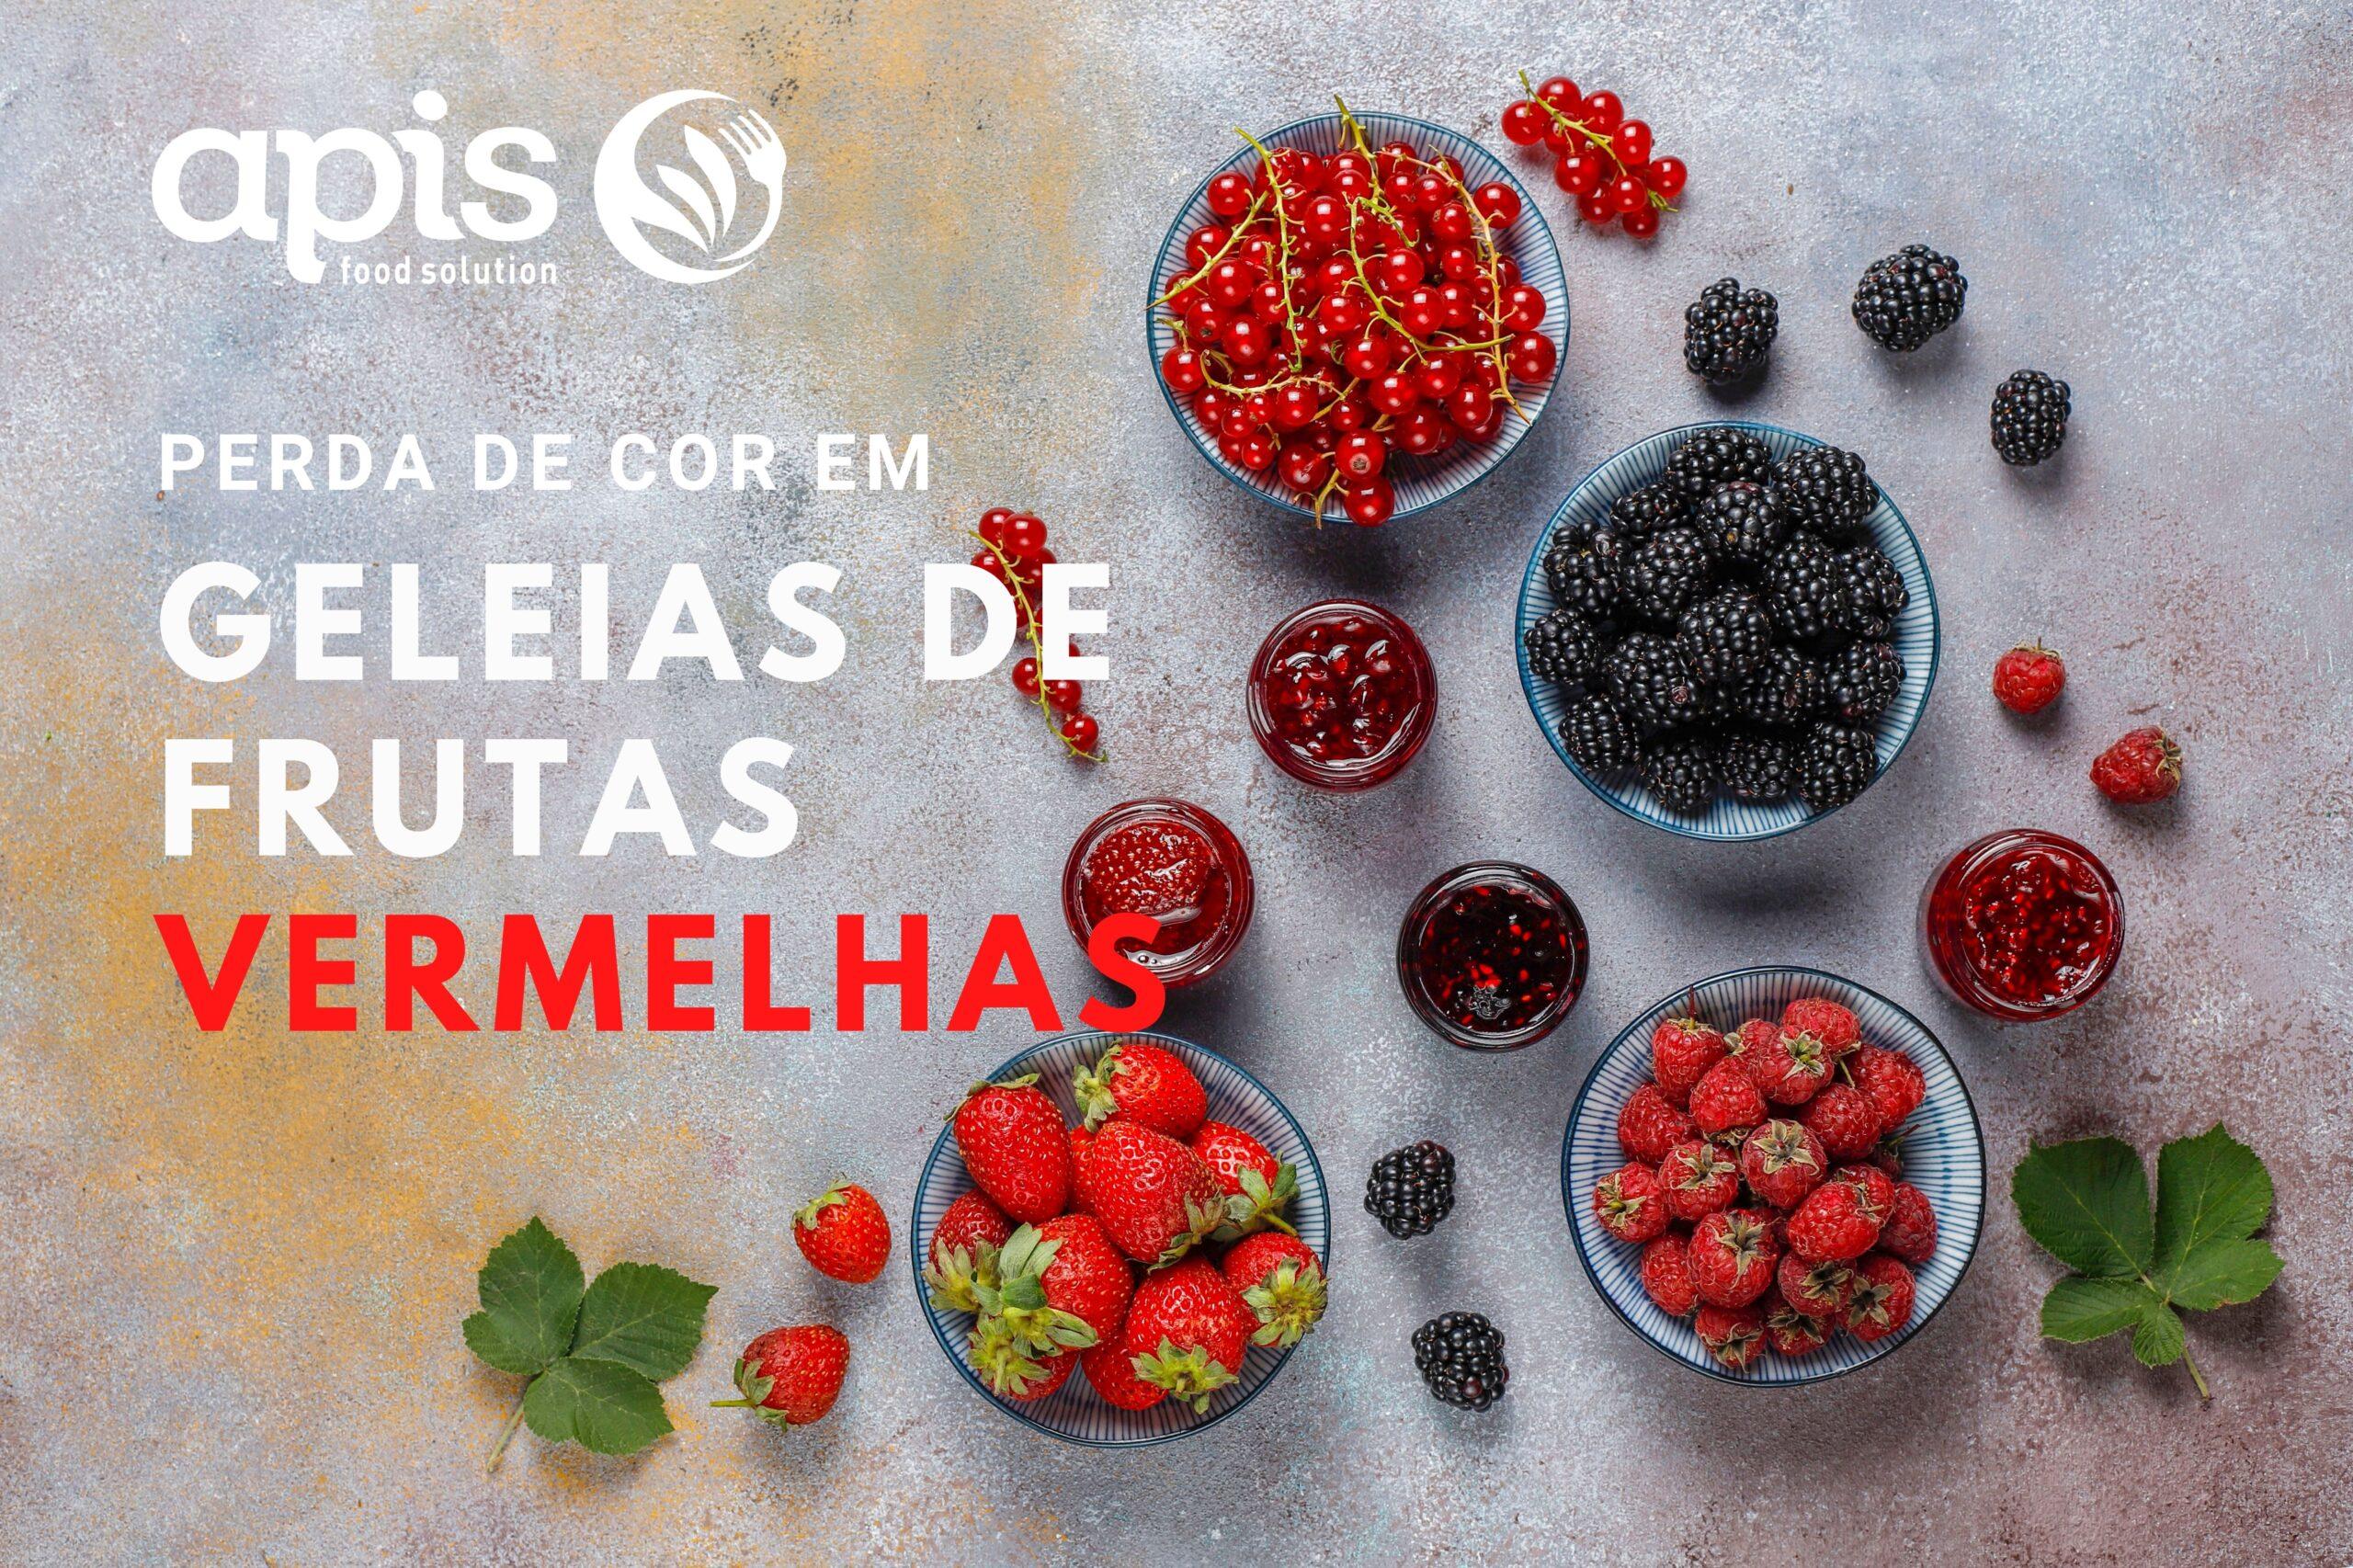 Perda de cor em geleias de frutas vermelhas